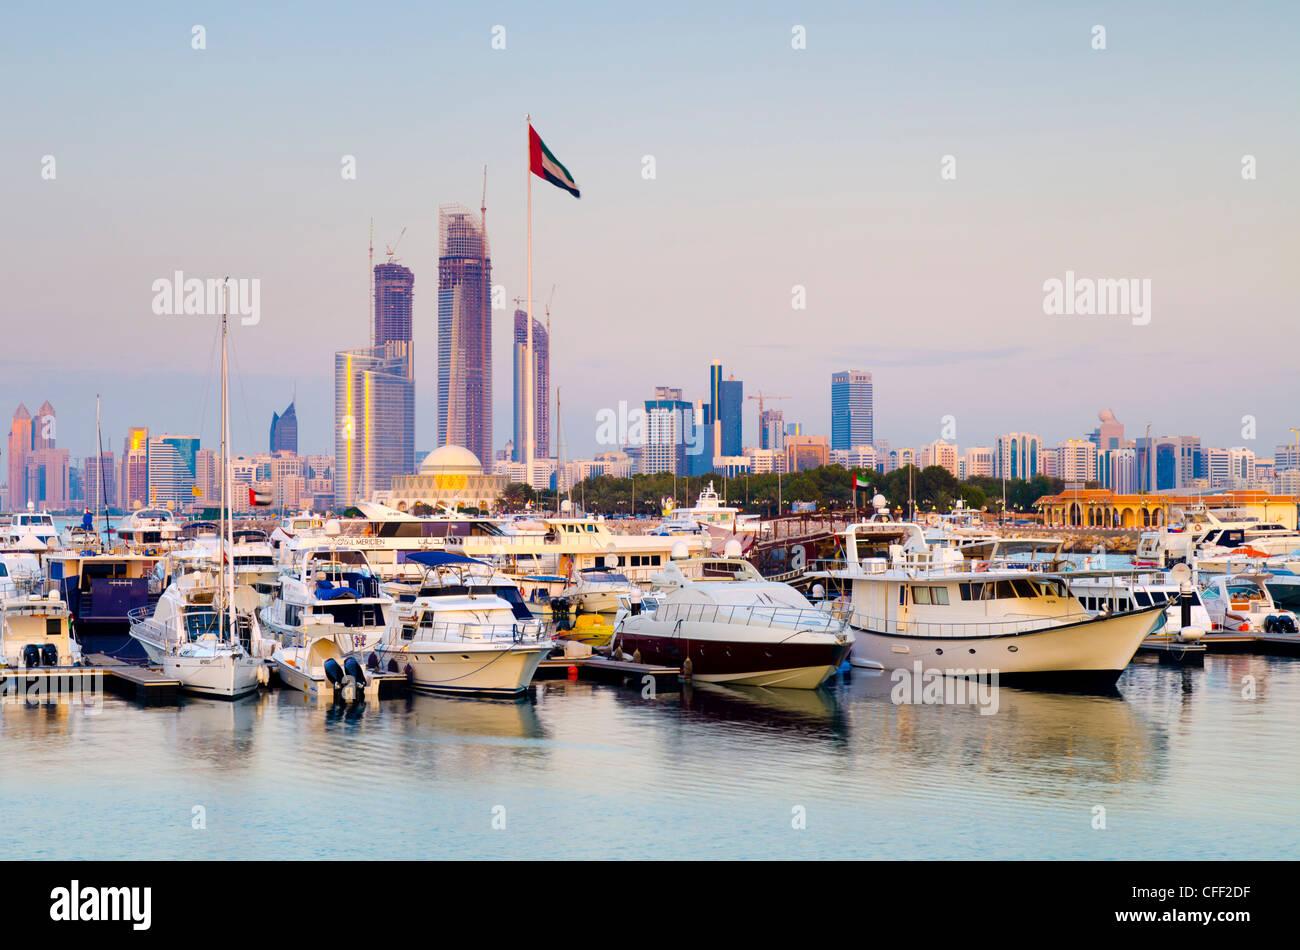 City skyline from Abu Dhabi International Marine Sports Club, Abu Dhabi, United Arab Emirates, Middle East - Stock Image